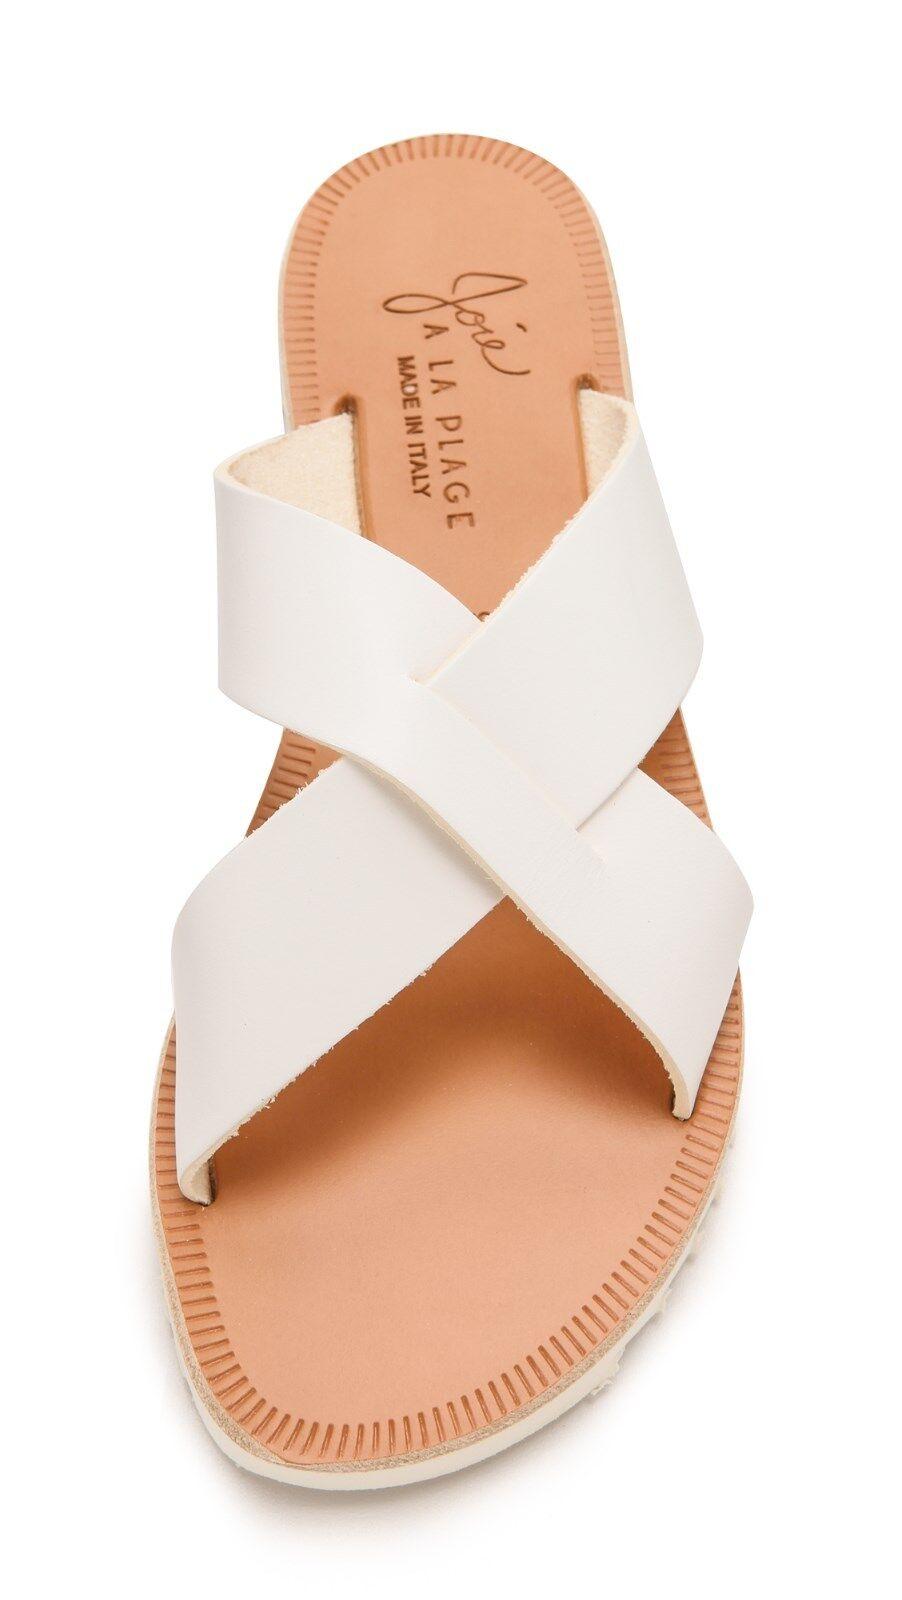 Joie a Leather la Plage San Remo Leather a Sandals, White SIZE 40 (sh) 9705d2